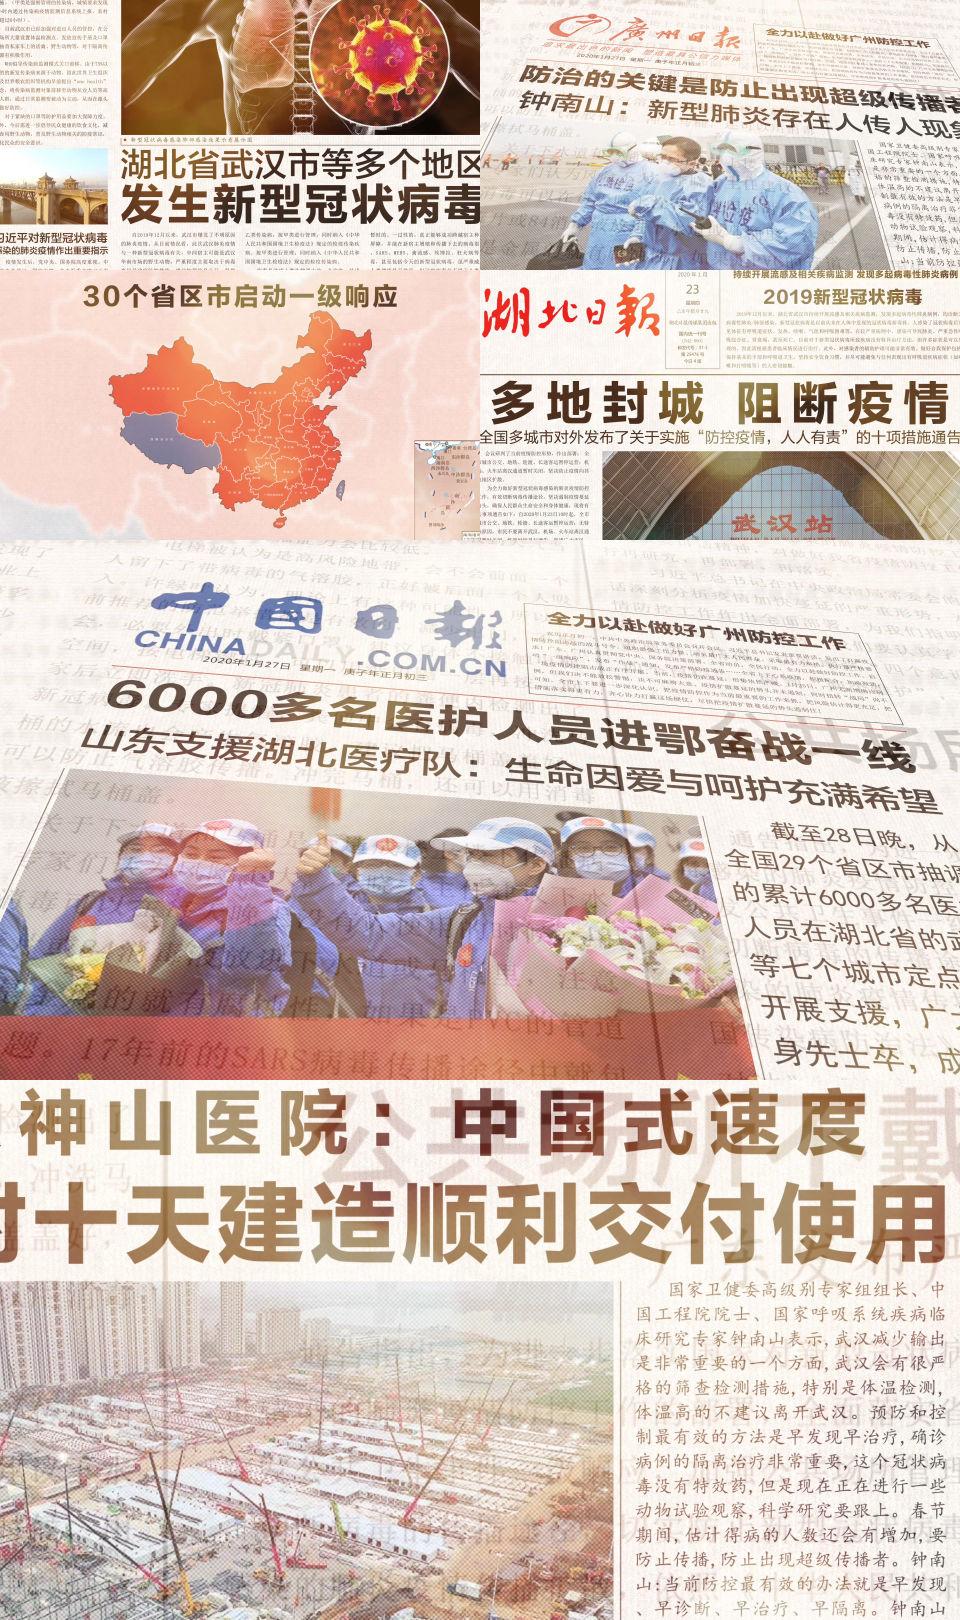 湖北武汉疫情新闻报道AE模板